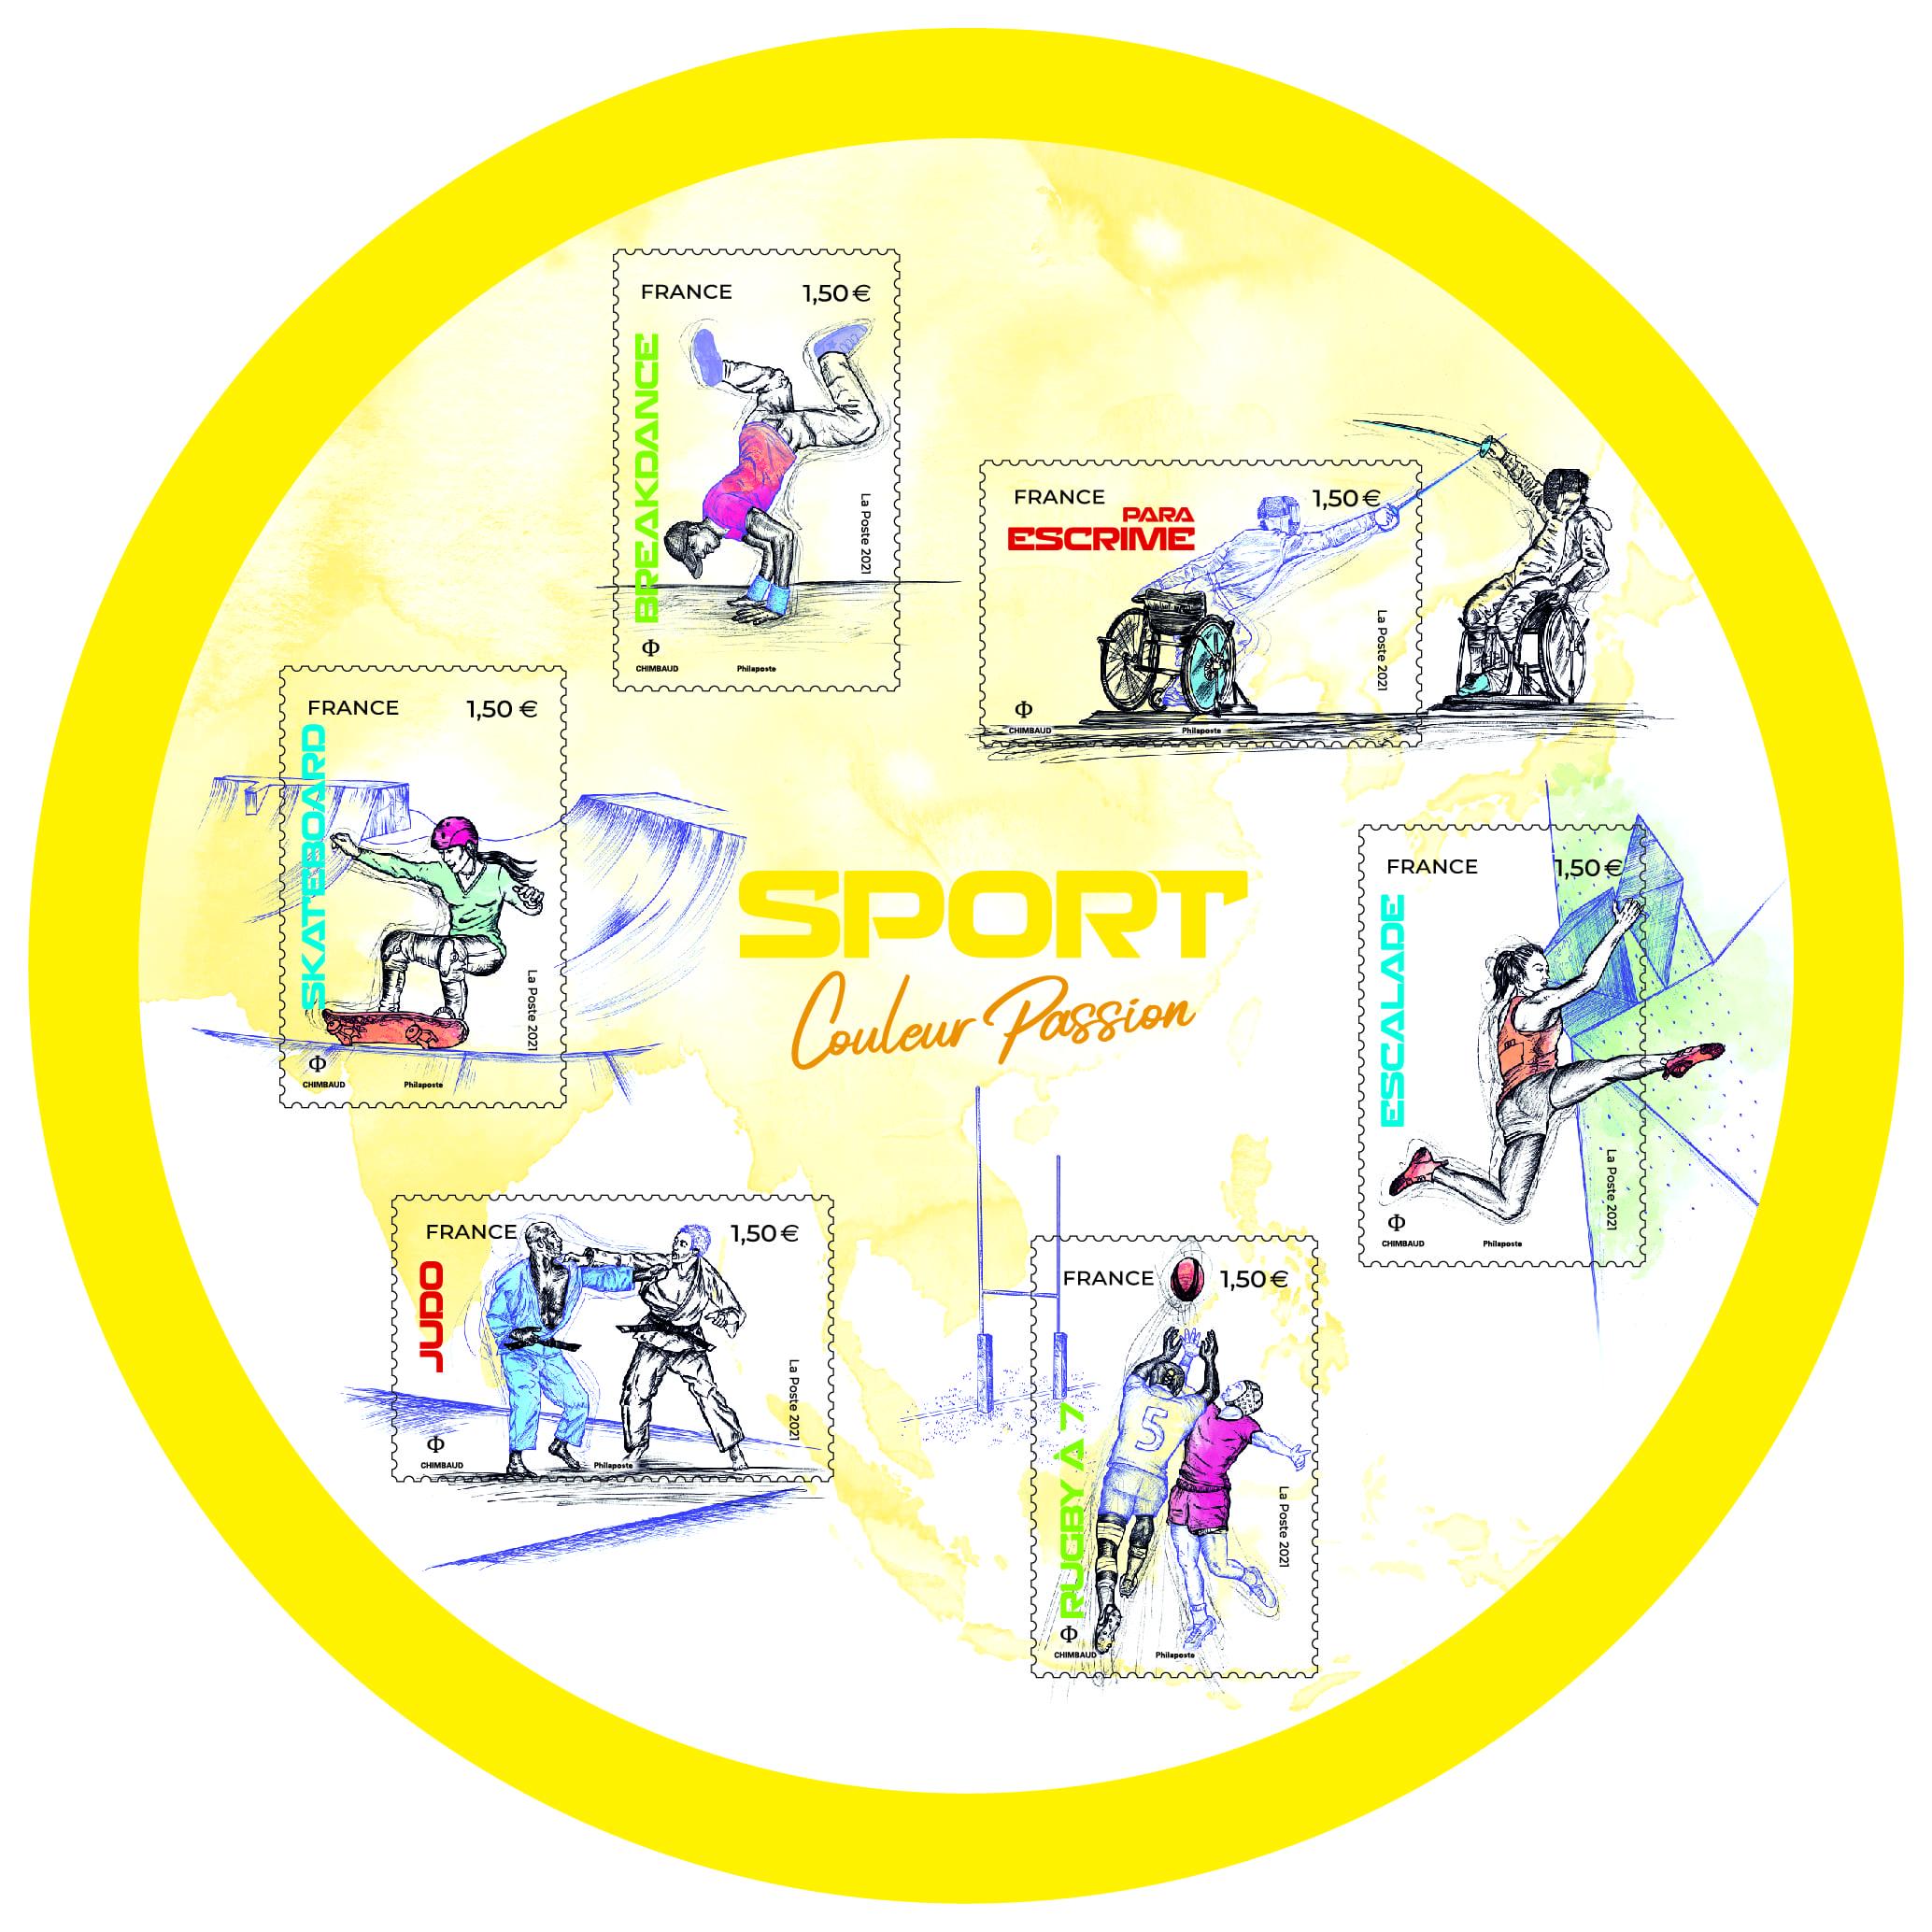 Sport Couleur Passion